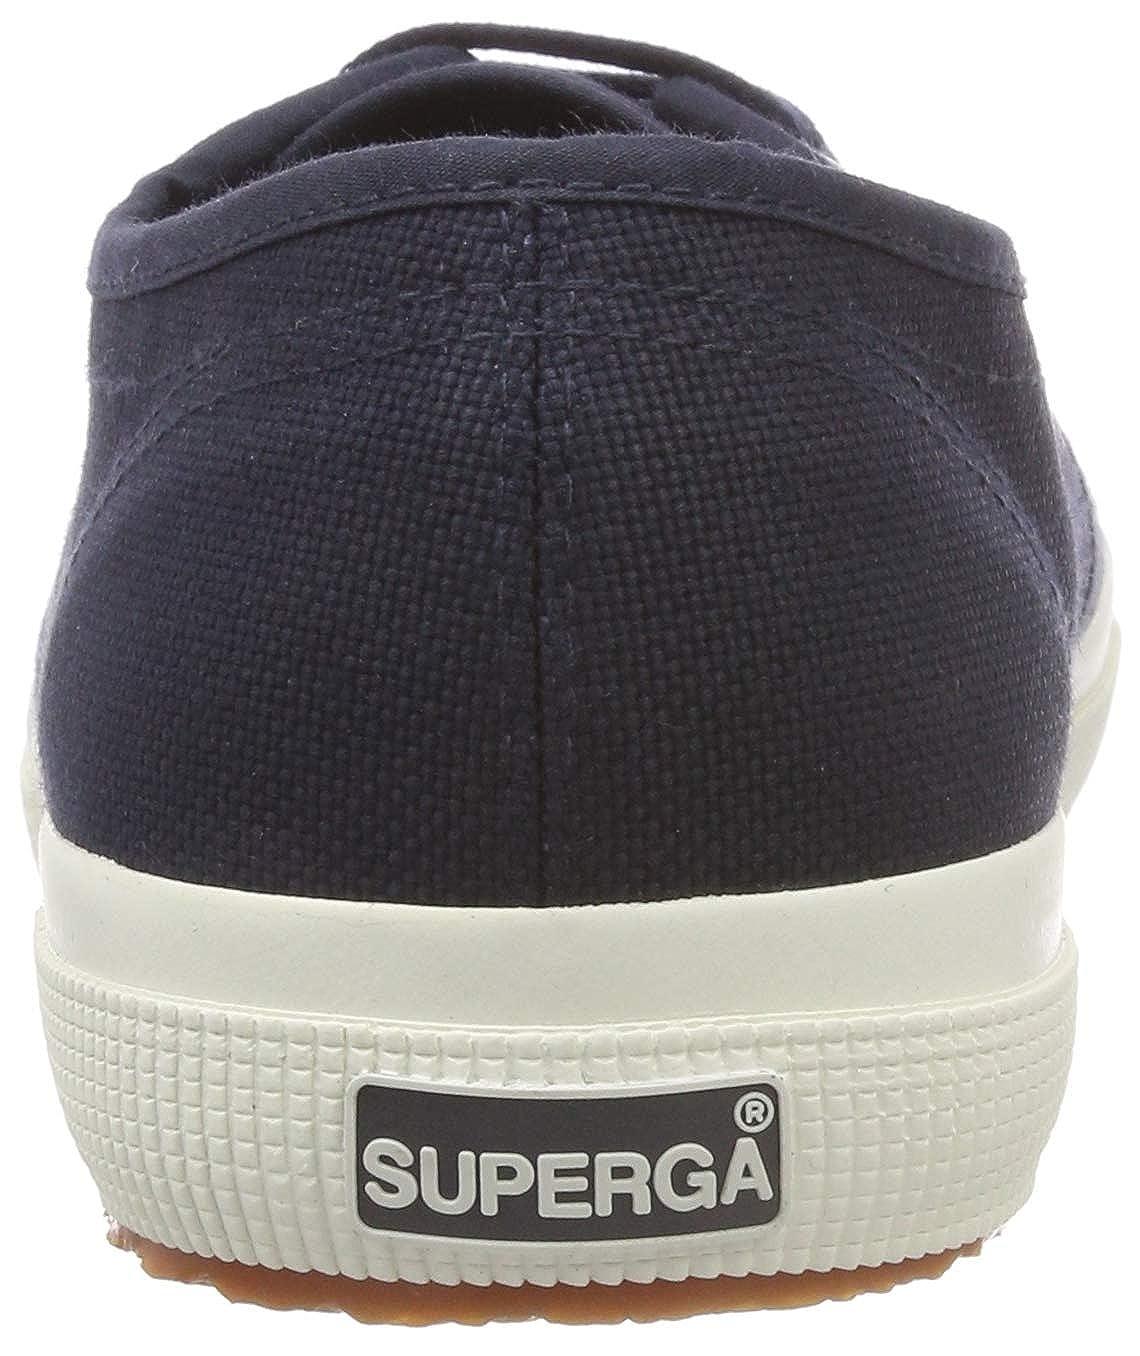 Superga Unisex-Erwachsene 2750-cotu 2750-cotu 2750-cotu Classic Low-Top  c58e3b